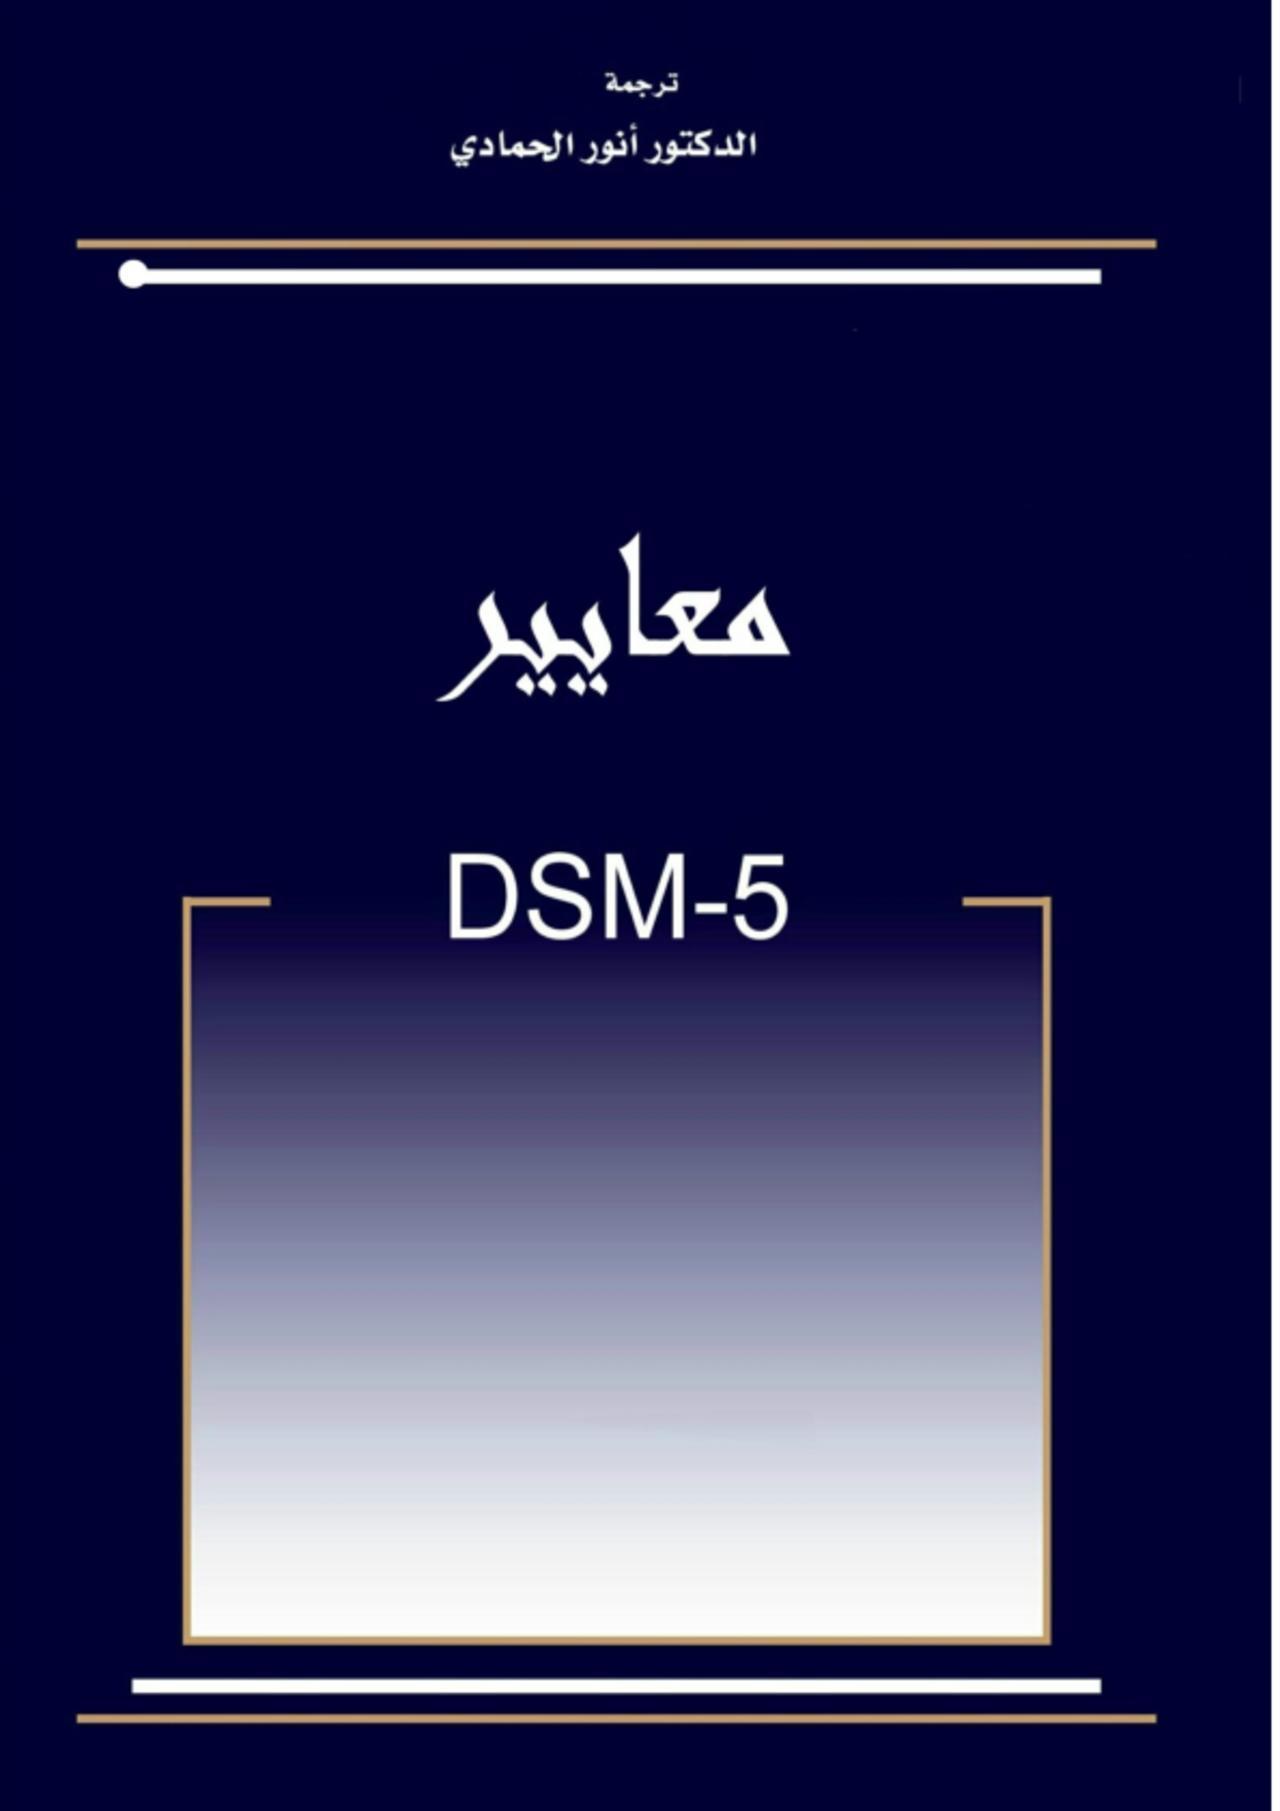 الدليل التشخيصي الإحصائي للاضطرابات العقلية الاختصار العلمي DSM 5